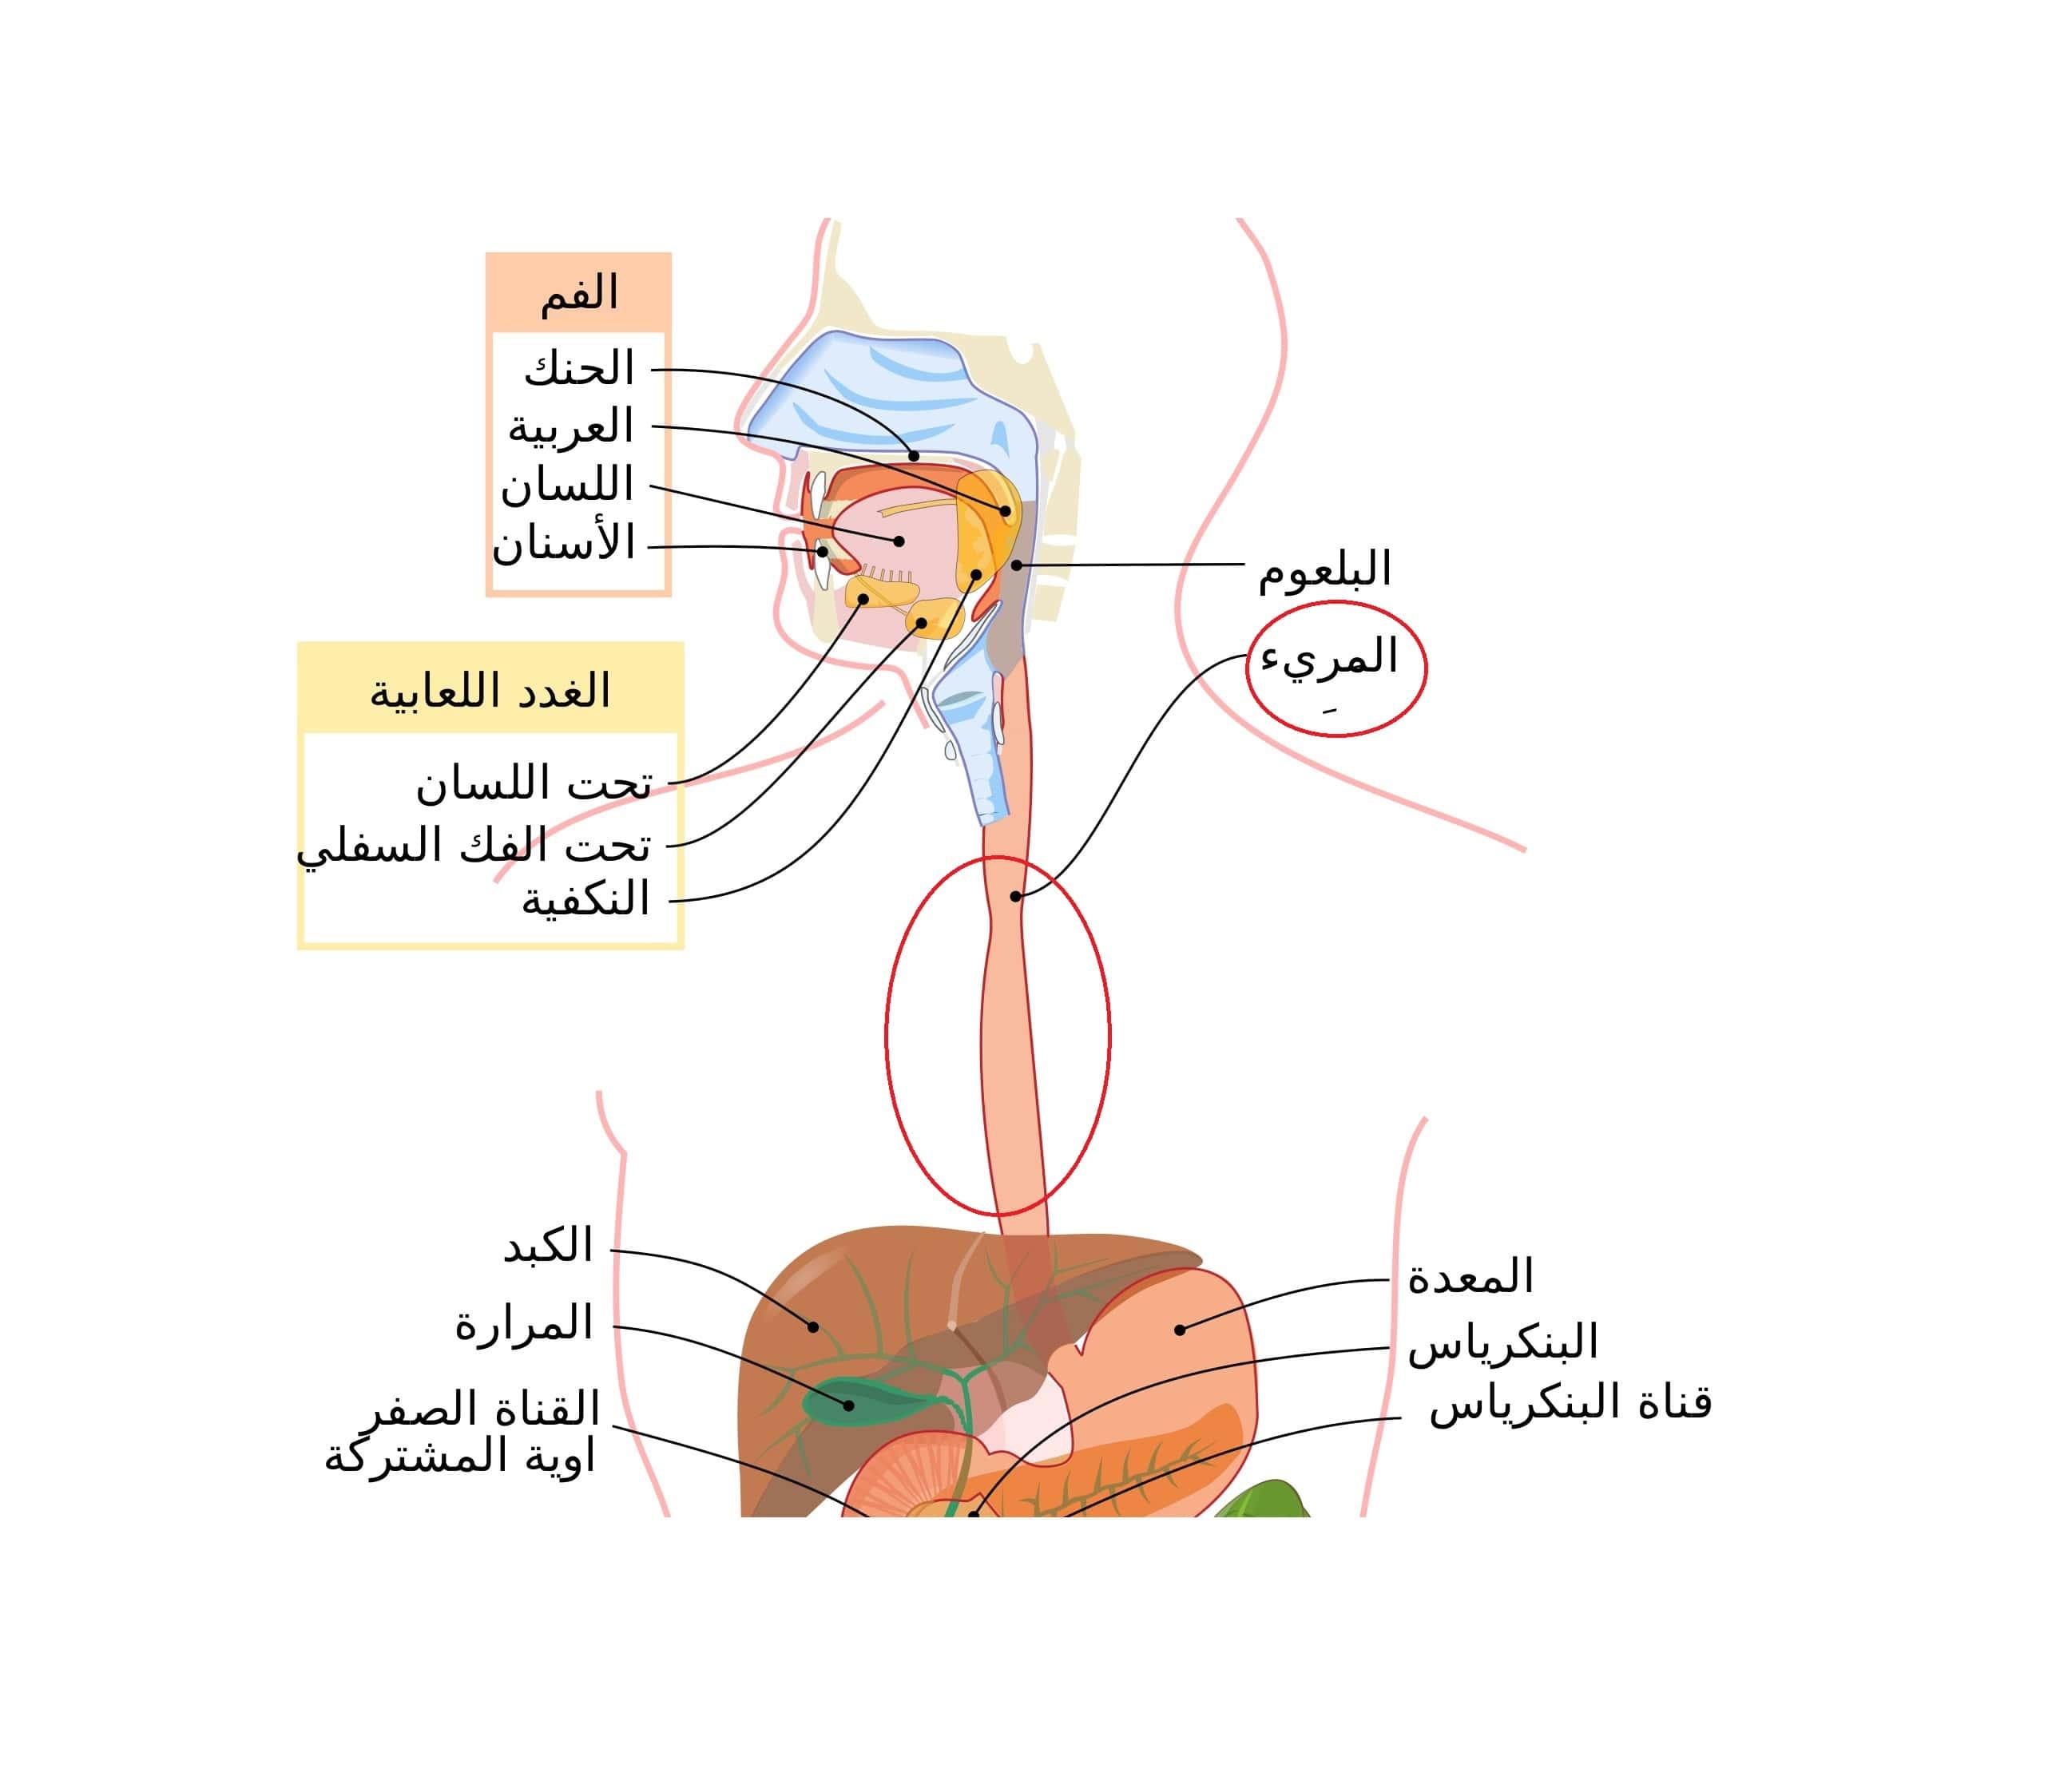 آلام المعدة في الصباح أكثر 4 أسباب شيوع ا Estshara